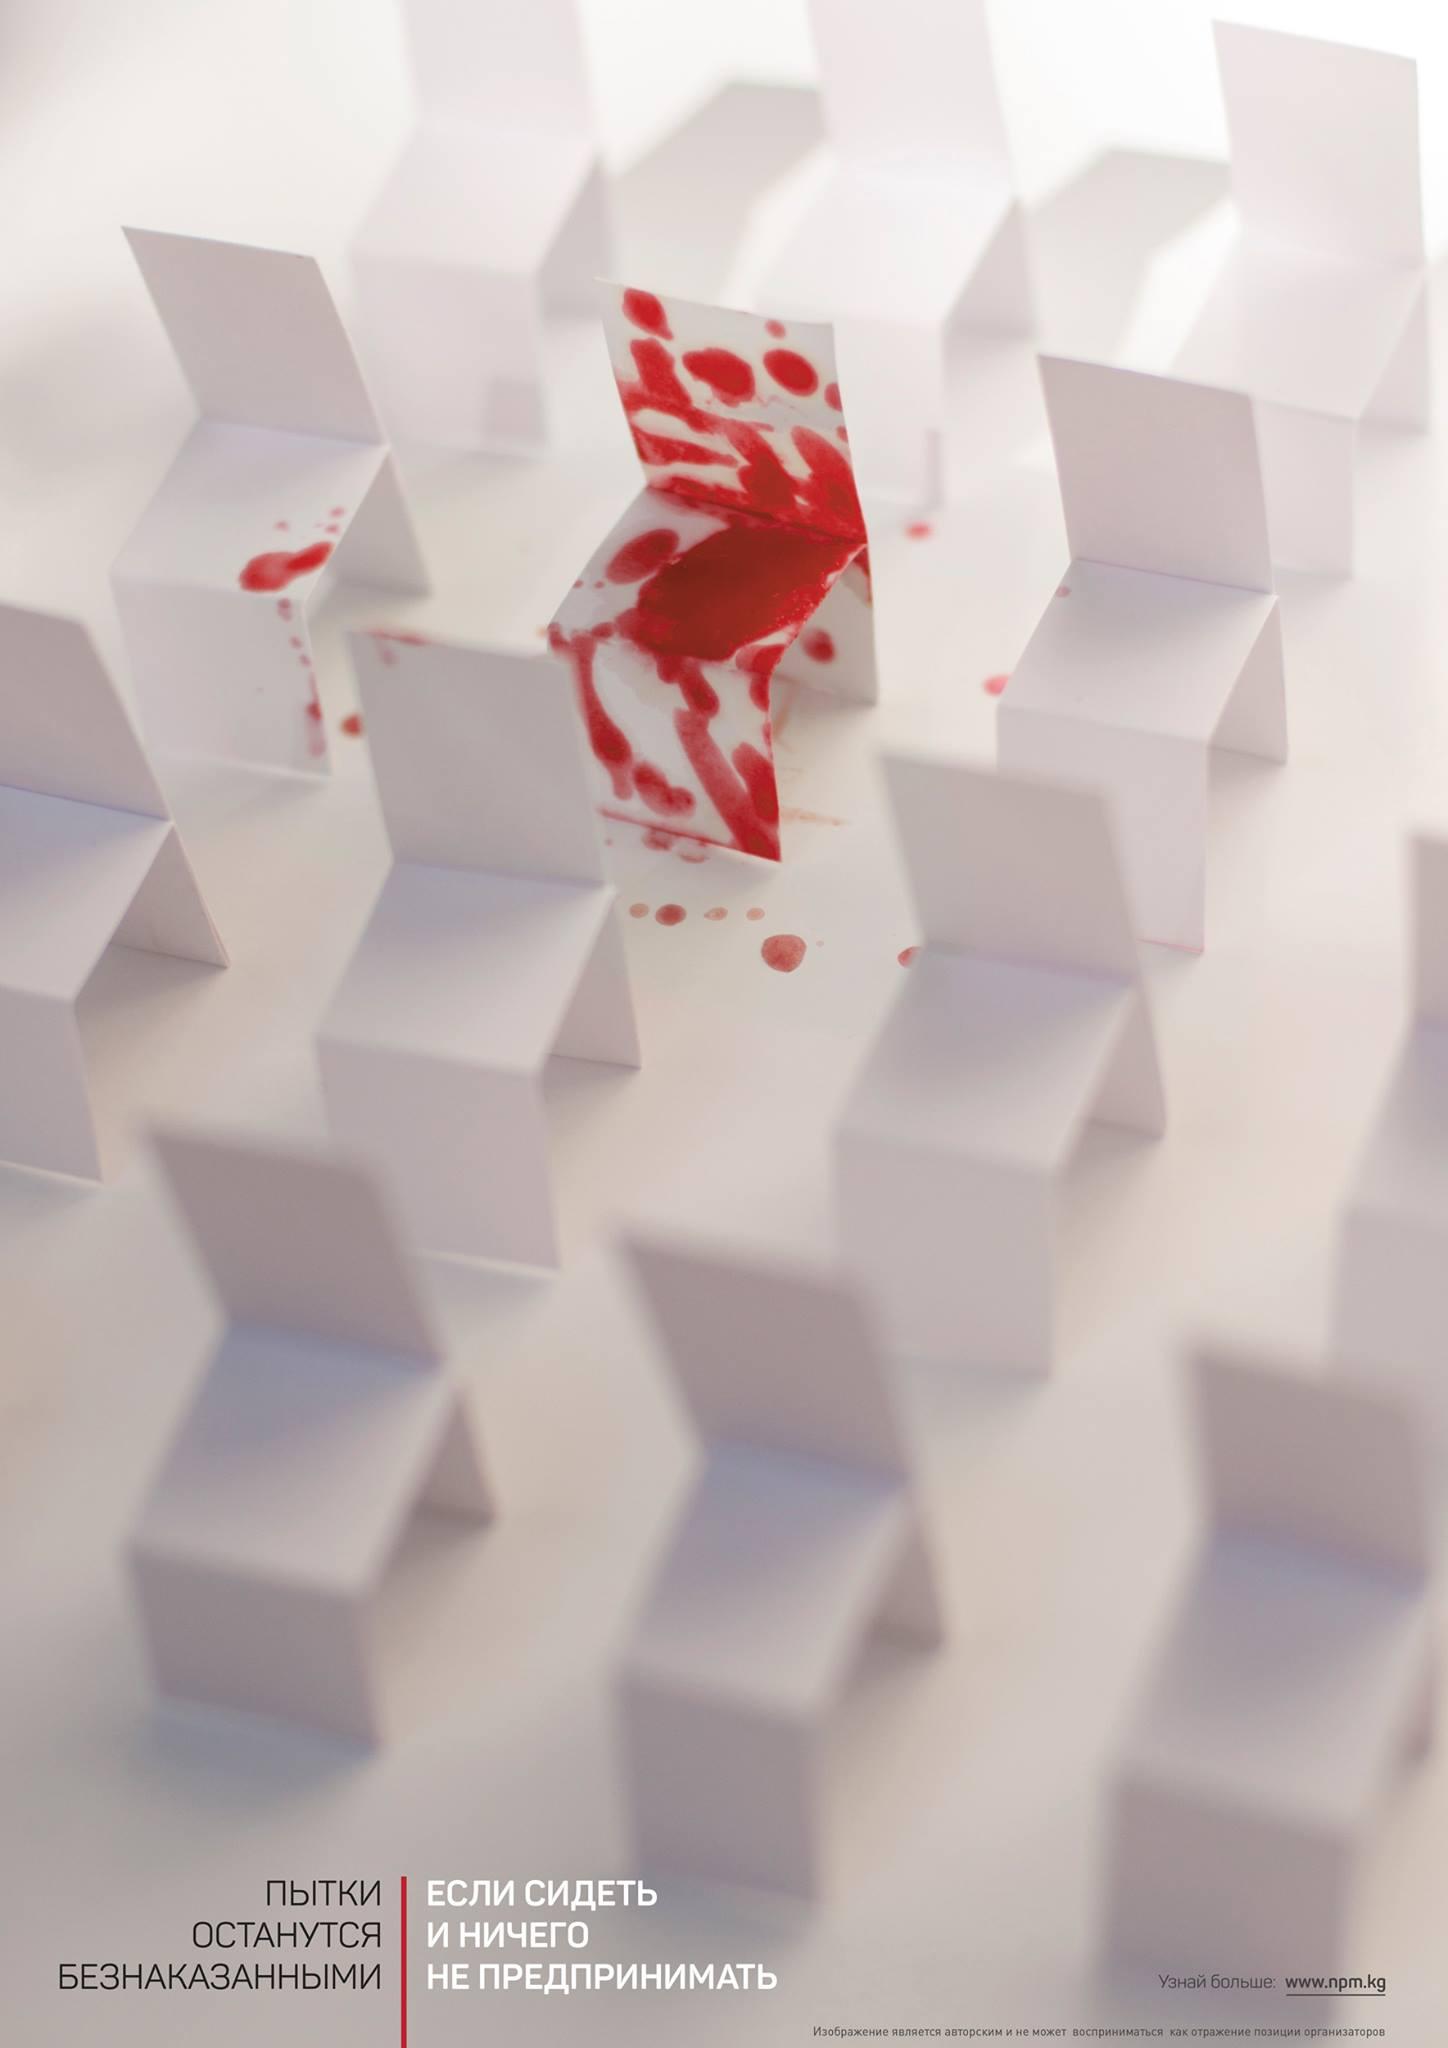 «Стулья я вырезал из картона. Посыл таков, что все мы сидим рядом. И рядом происходят такие вещи. Белый цвет символизирует чистоту, красный — жертву пыток, которая может быть нашим соседом. И не хочется, и нельзя оставаться в стороне, сидя рядом с этим», — Лысогоров.